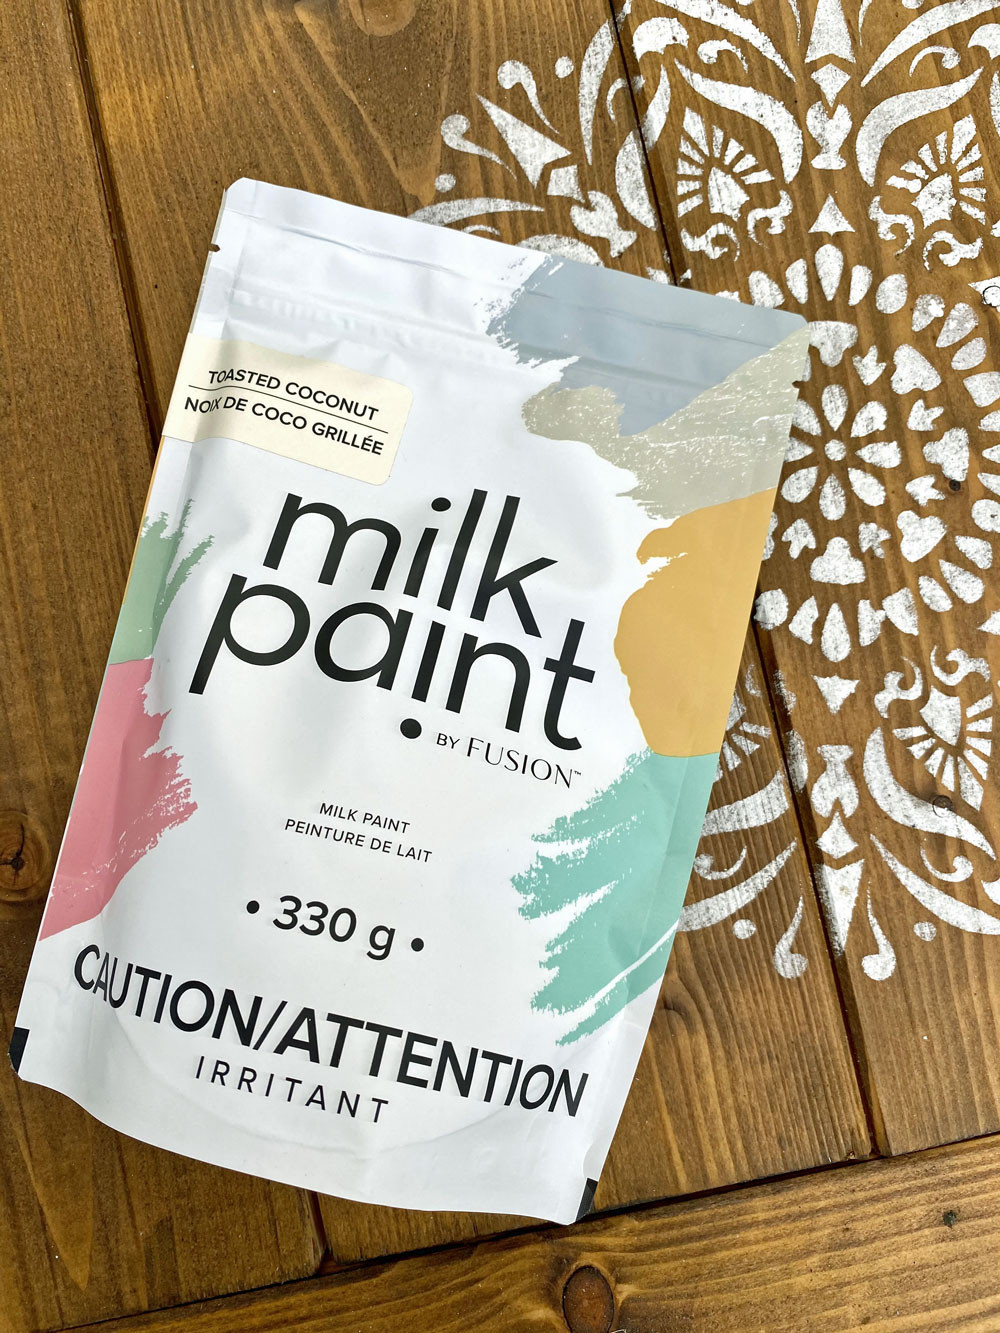 Streichen mit Milk Paint by Fusion - für ein authentisches shabbby chic Ergebnis